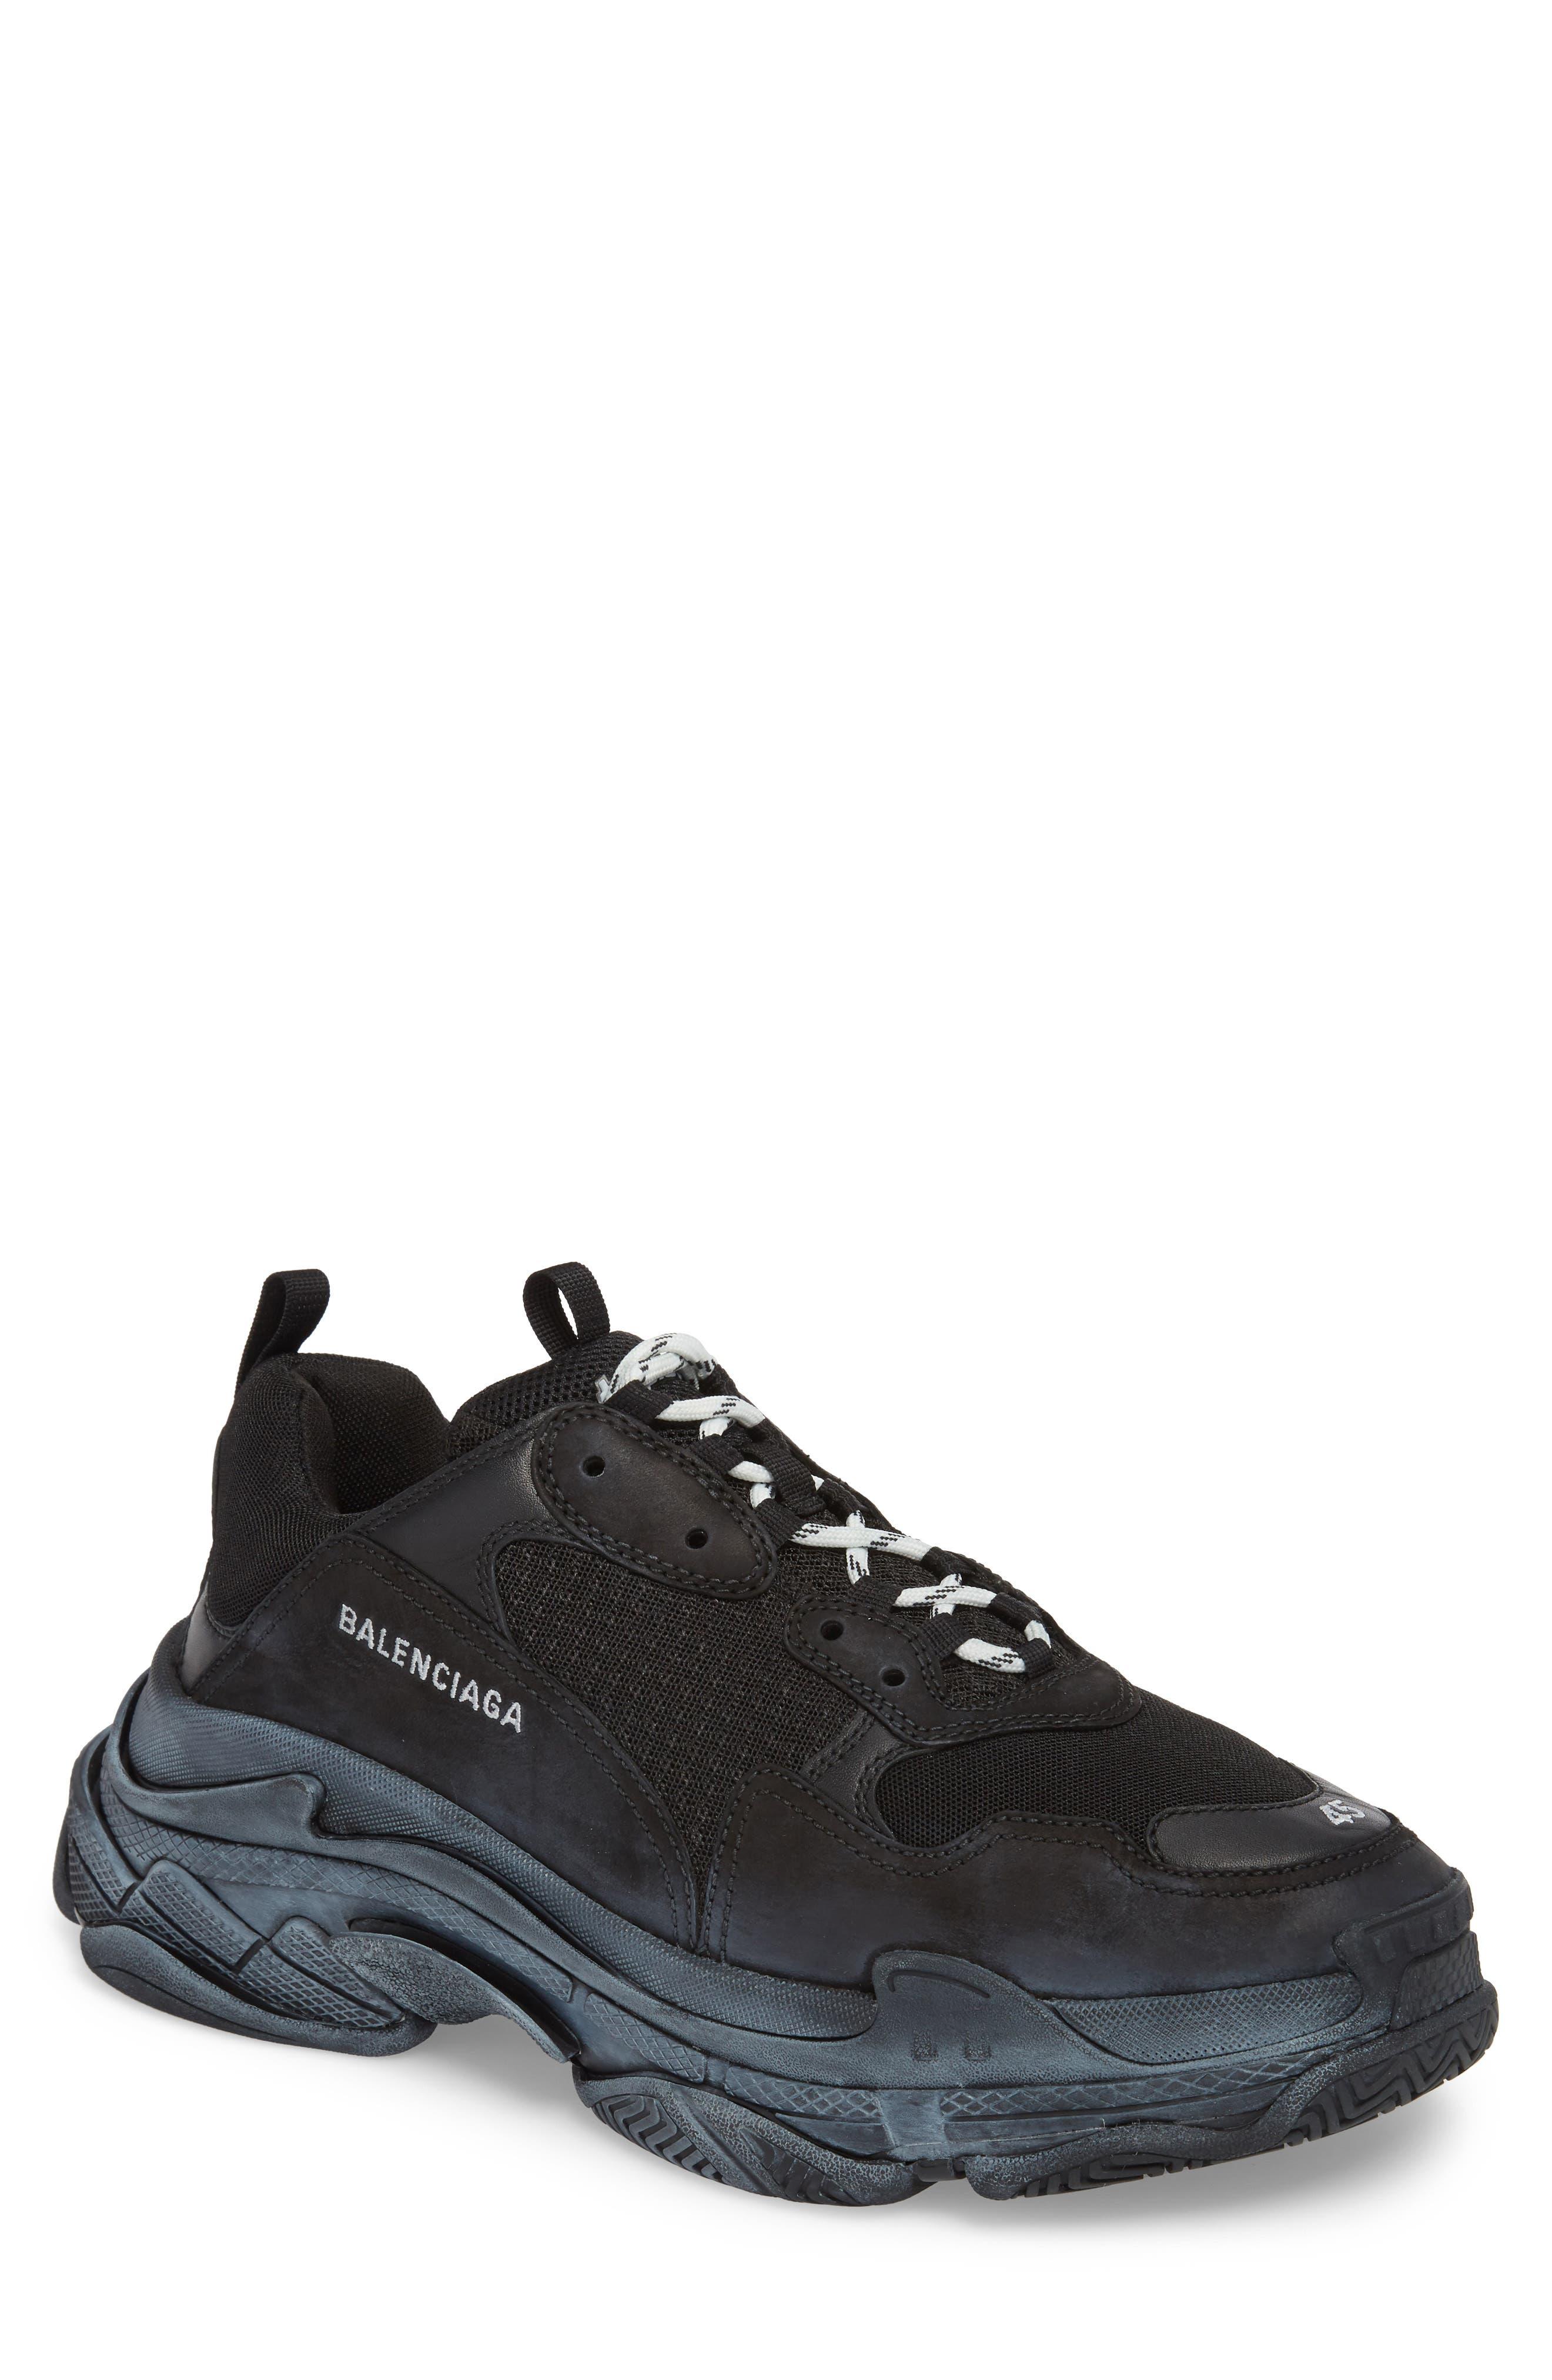 Triple S Retro Sneaker,                         Main,                         color, NOIR